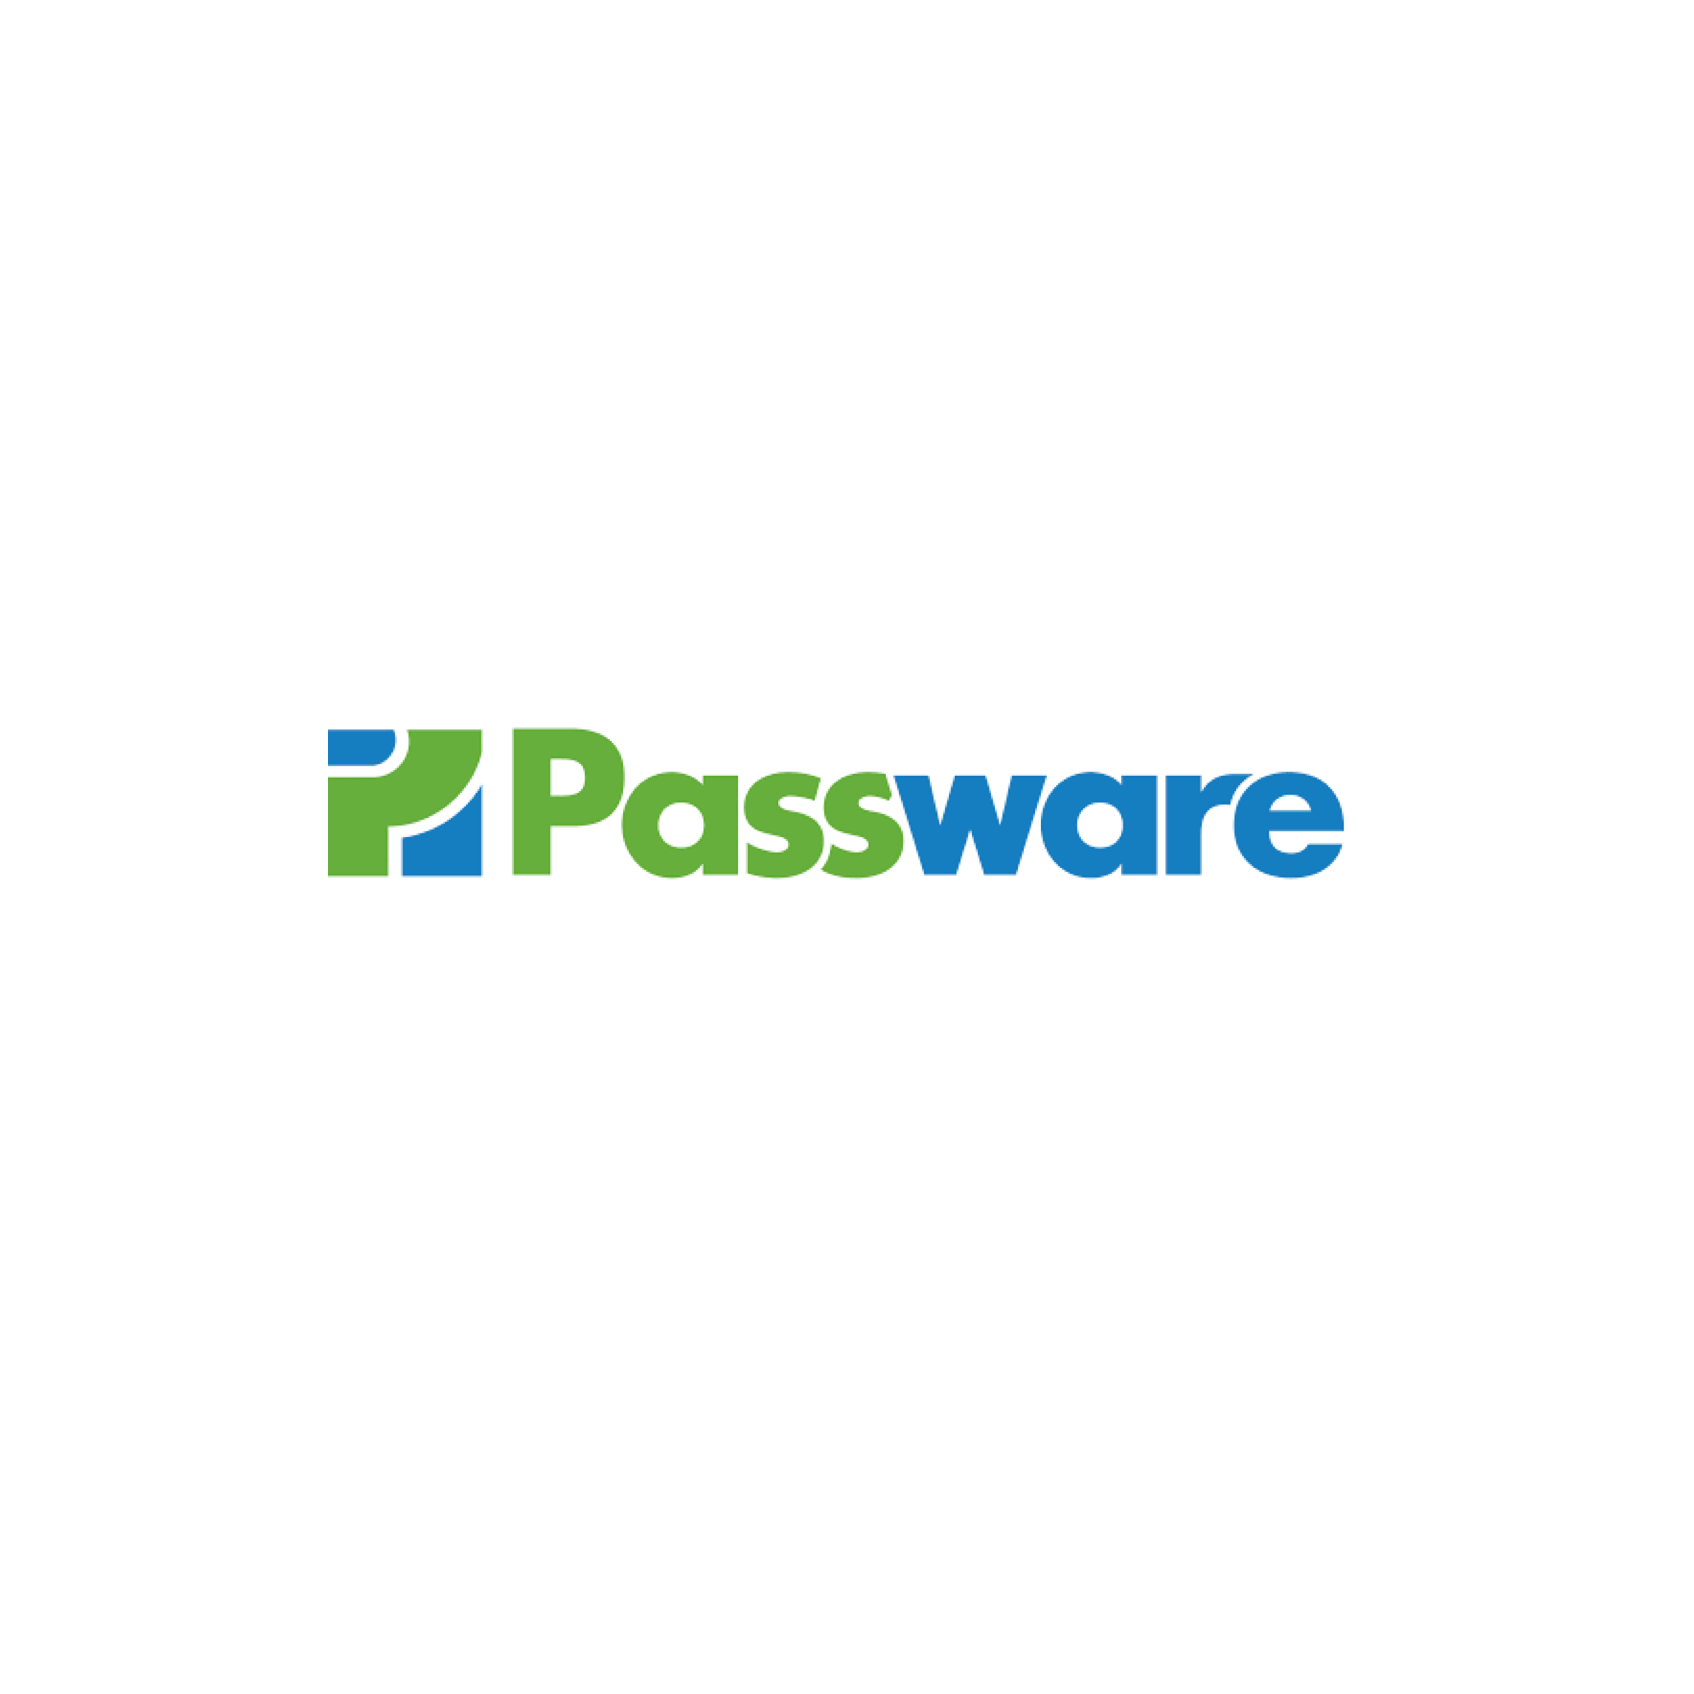 Passware